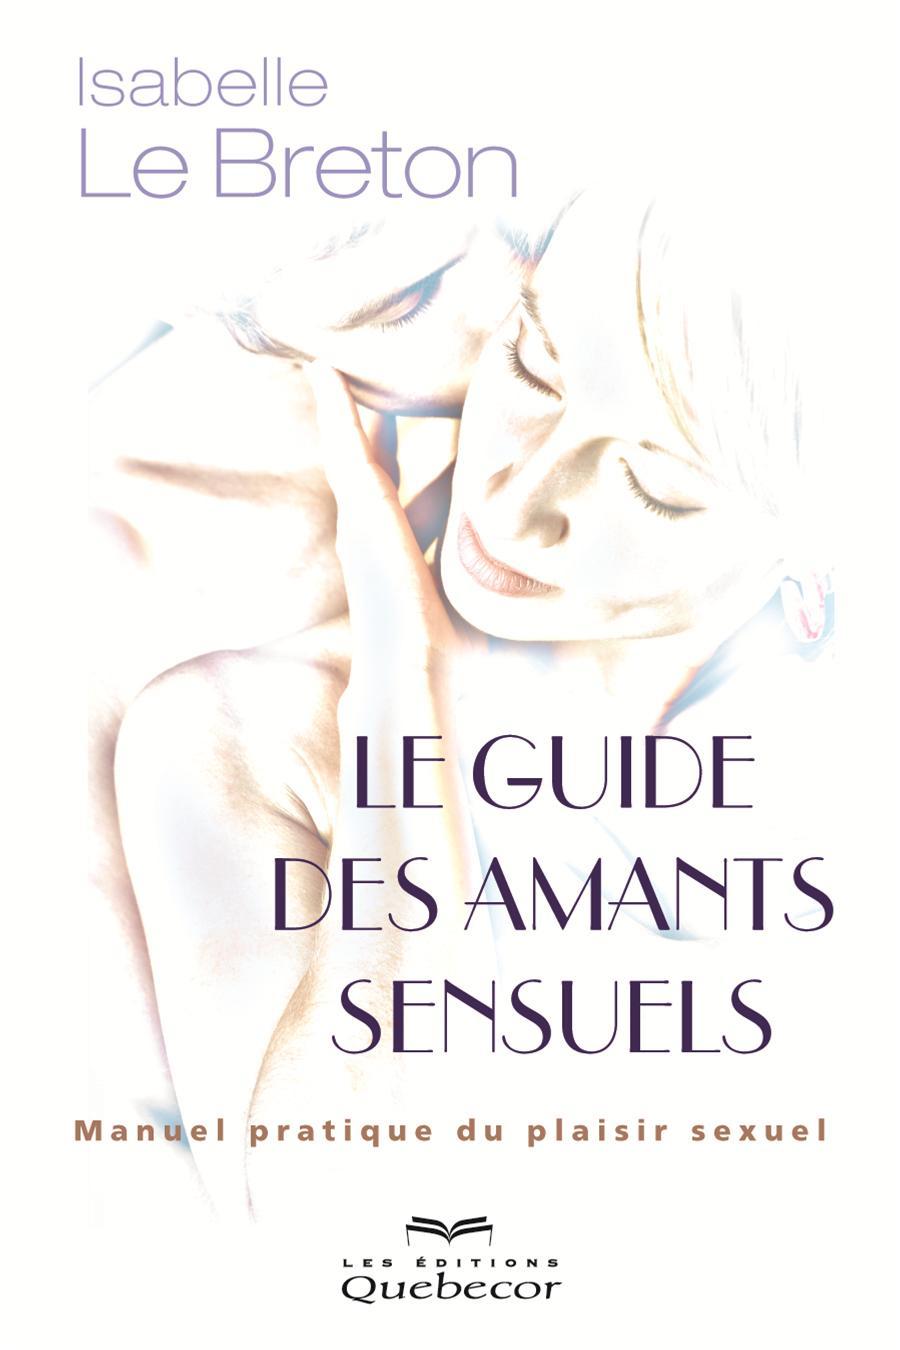 Le guide des amants sensuels